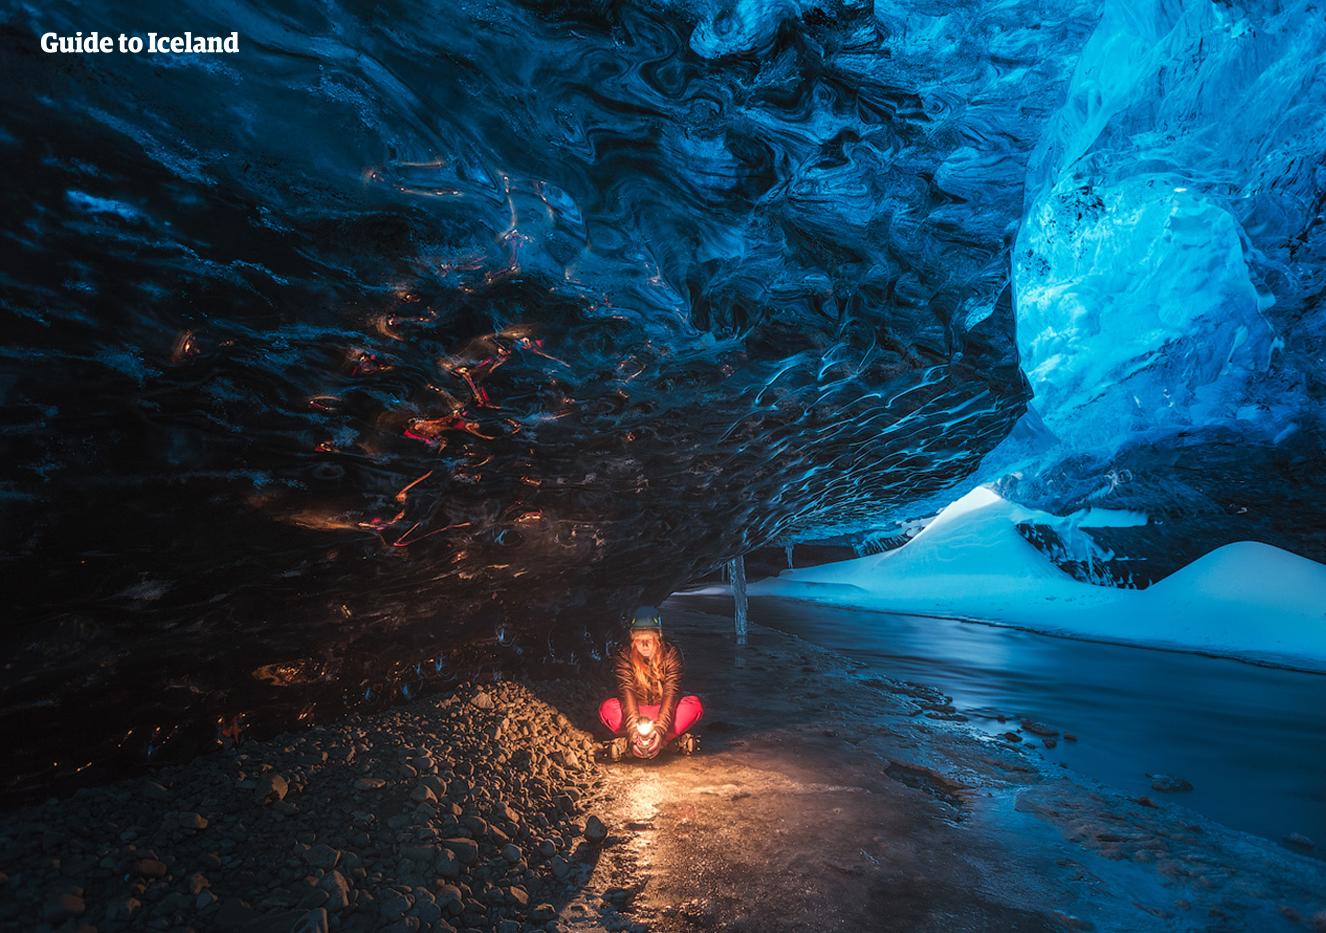 11月から3月の間に限り味わえるスーパーブルー氷の洞窟